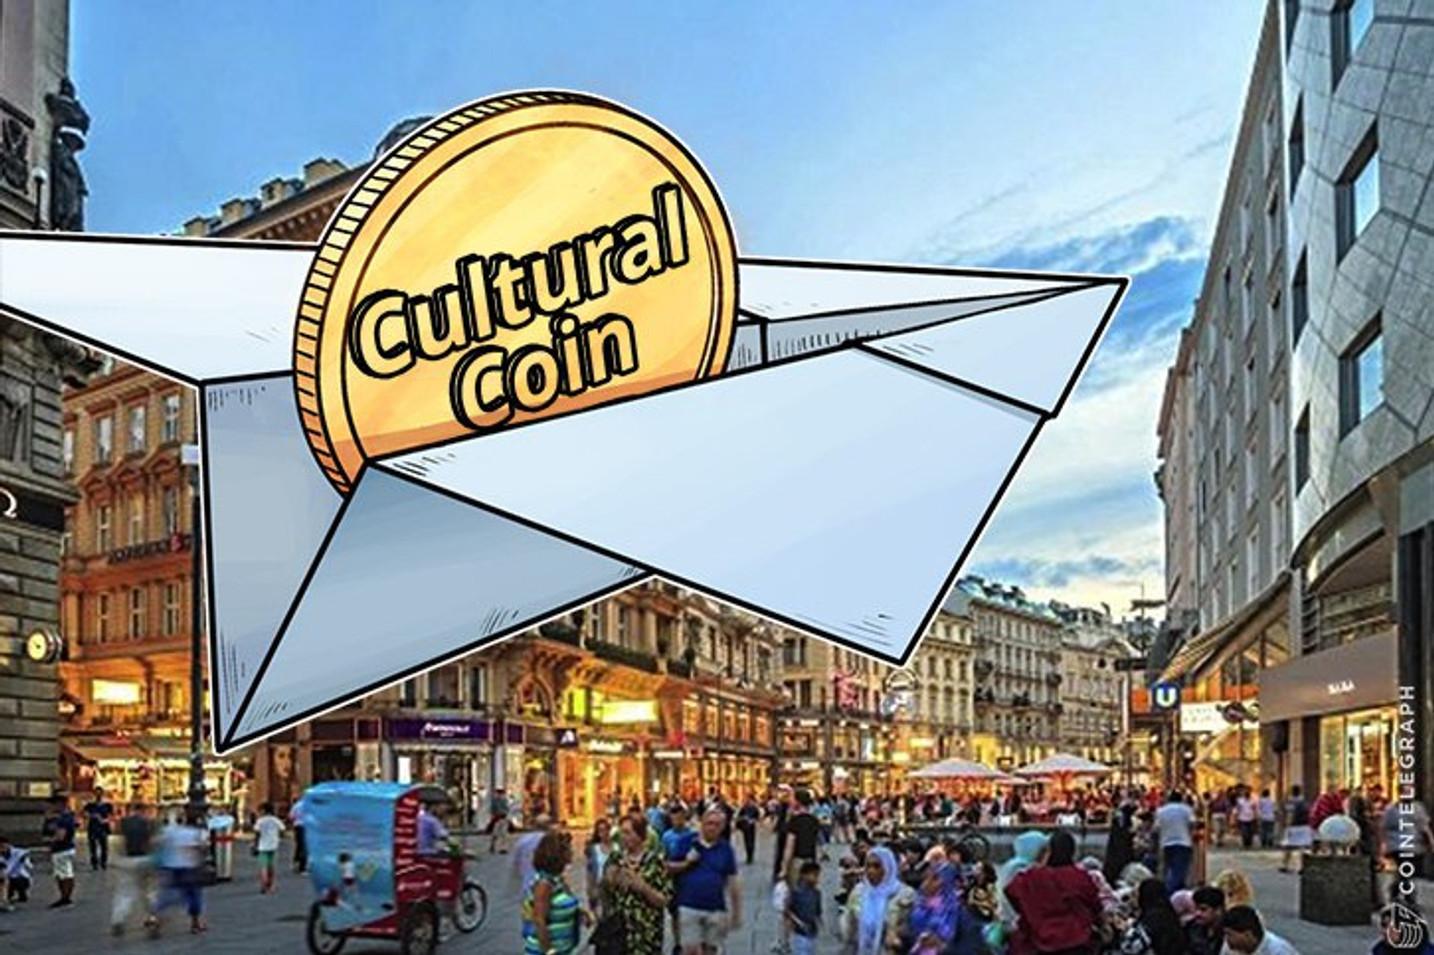 Cultural Coin: Österreicher will mit Kryptowährung zur Kulturförderung 19 Millionen Euro einsammeln